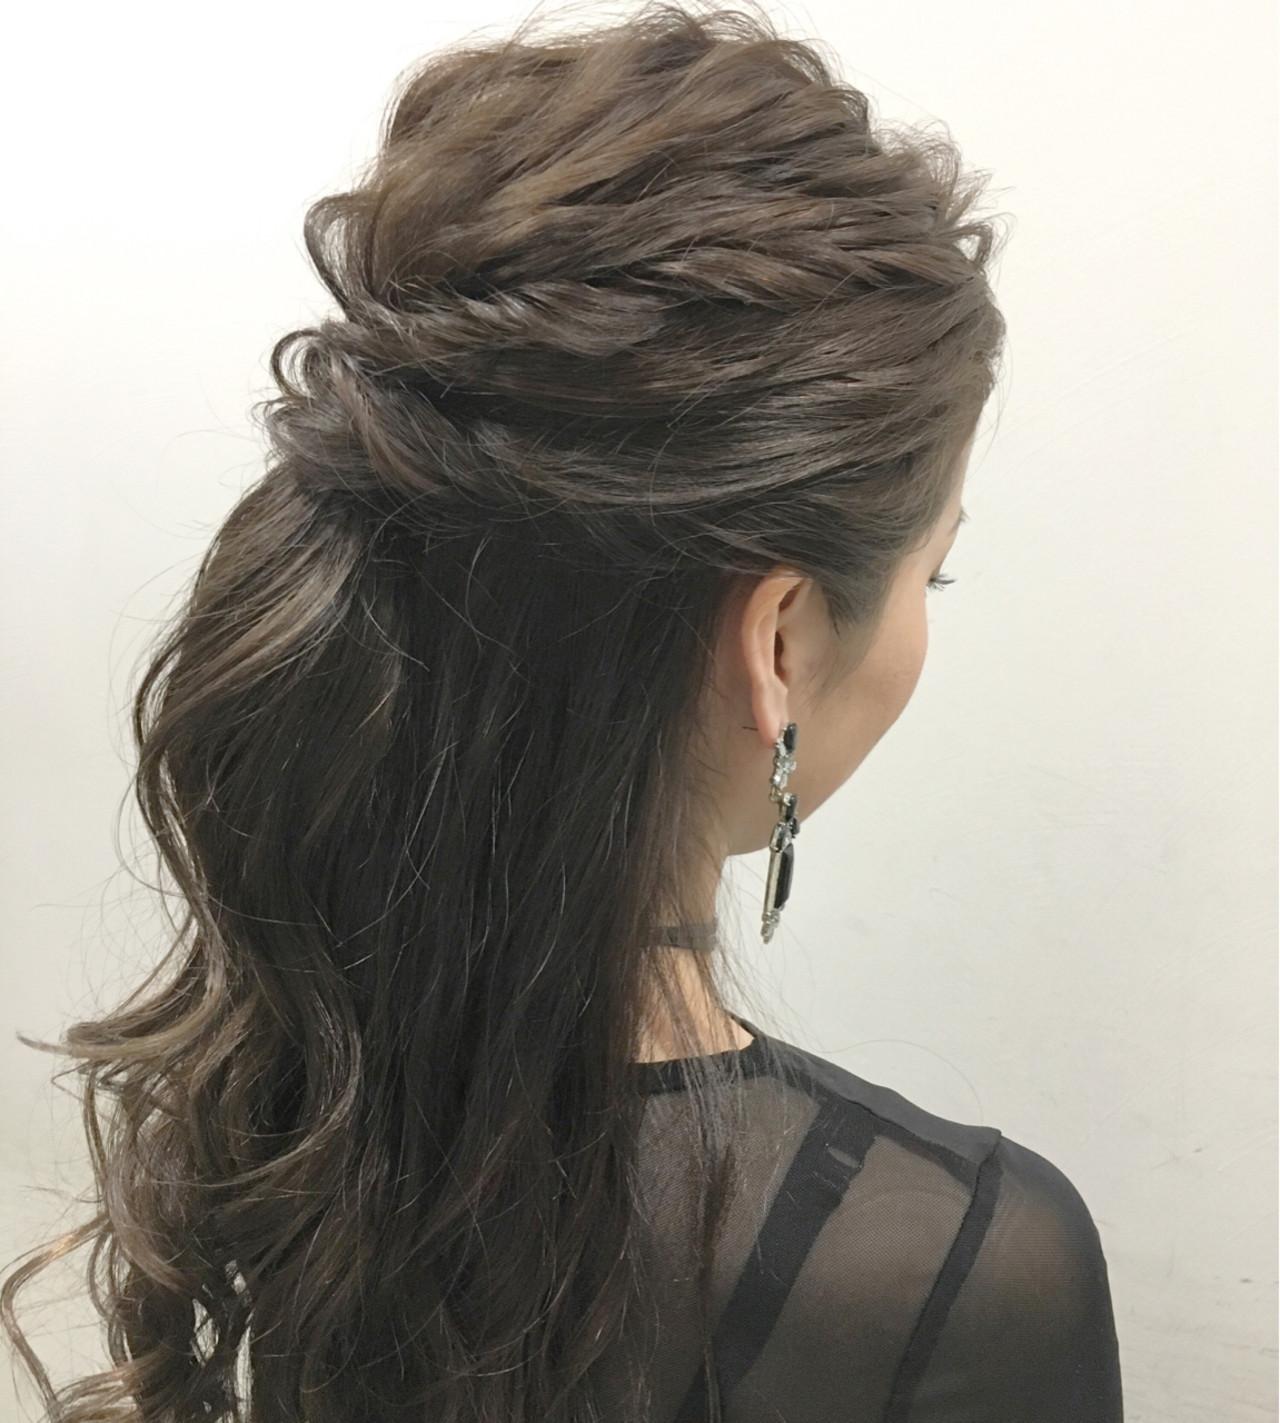 ロング 外国人風 ヘアアレンジ ハーフアップ ヘアスタイルや髪型の写真・画像